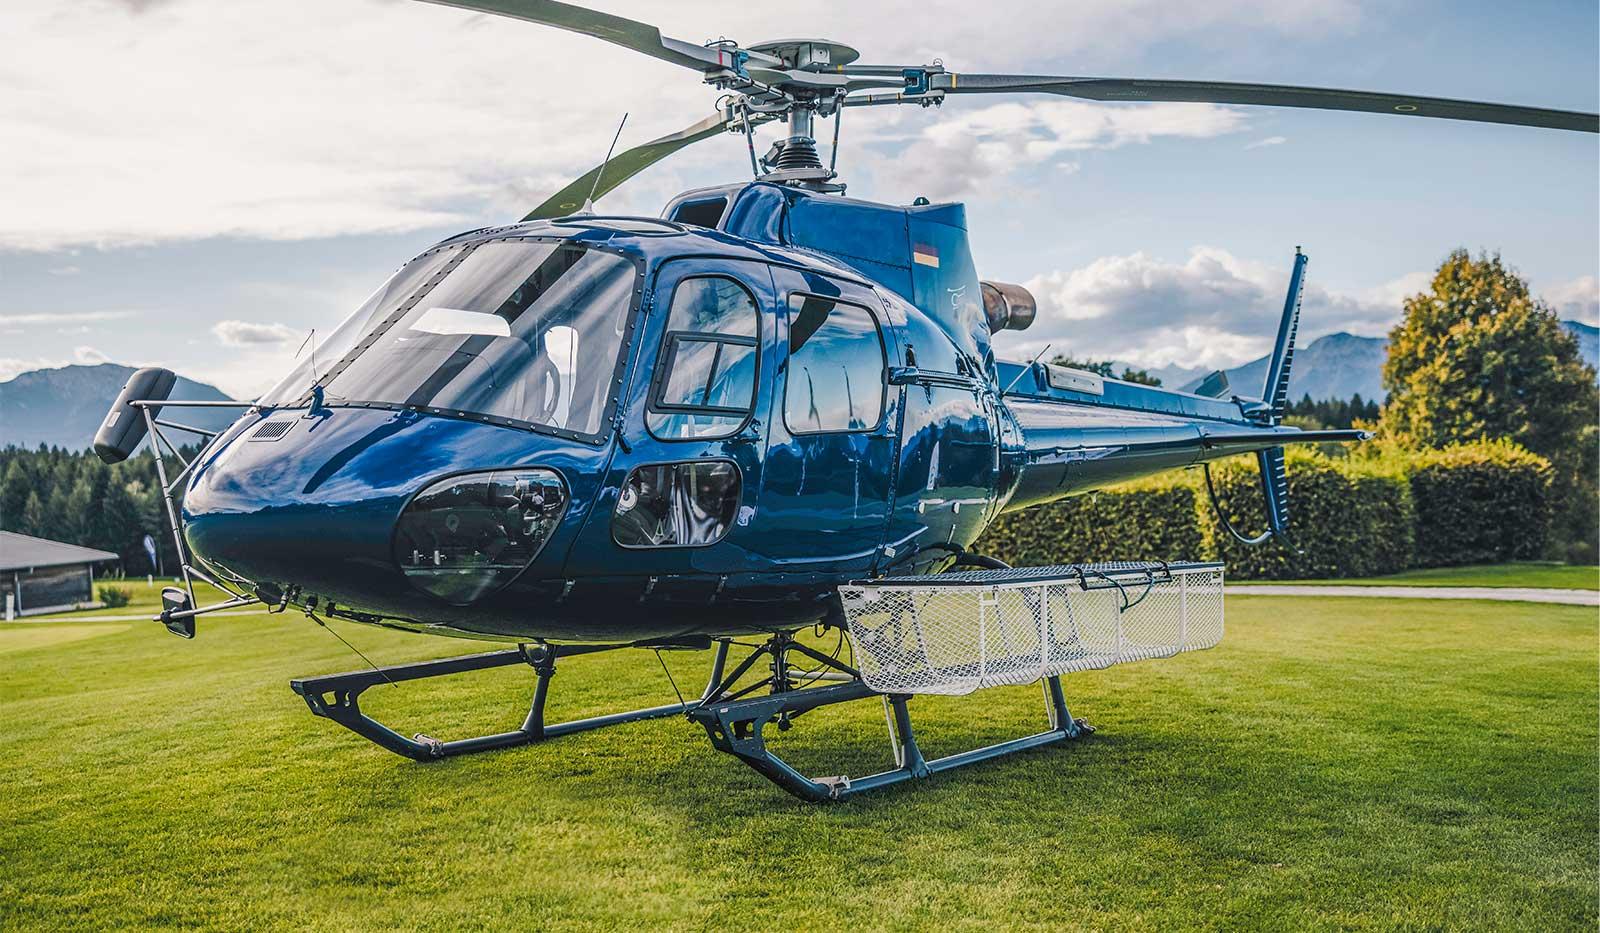 heligolf helikopter - Heligolf – Wer wird denn gleich in die  Luft gehen?